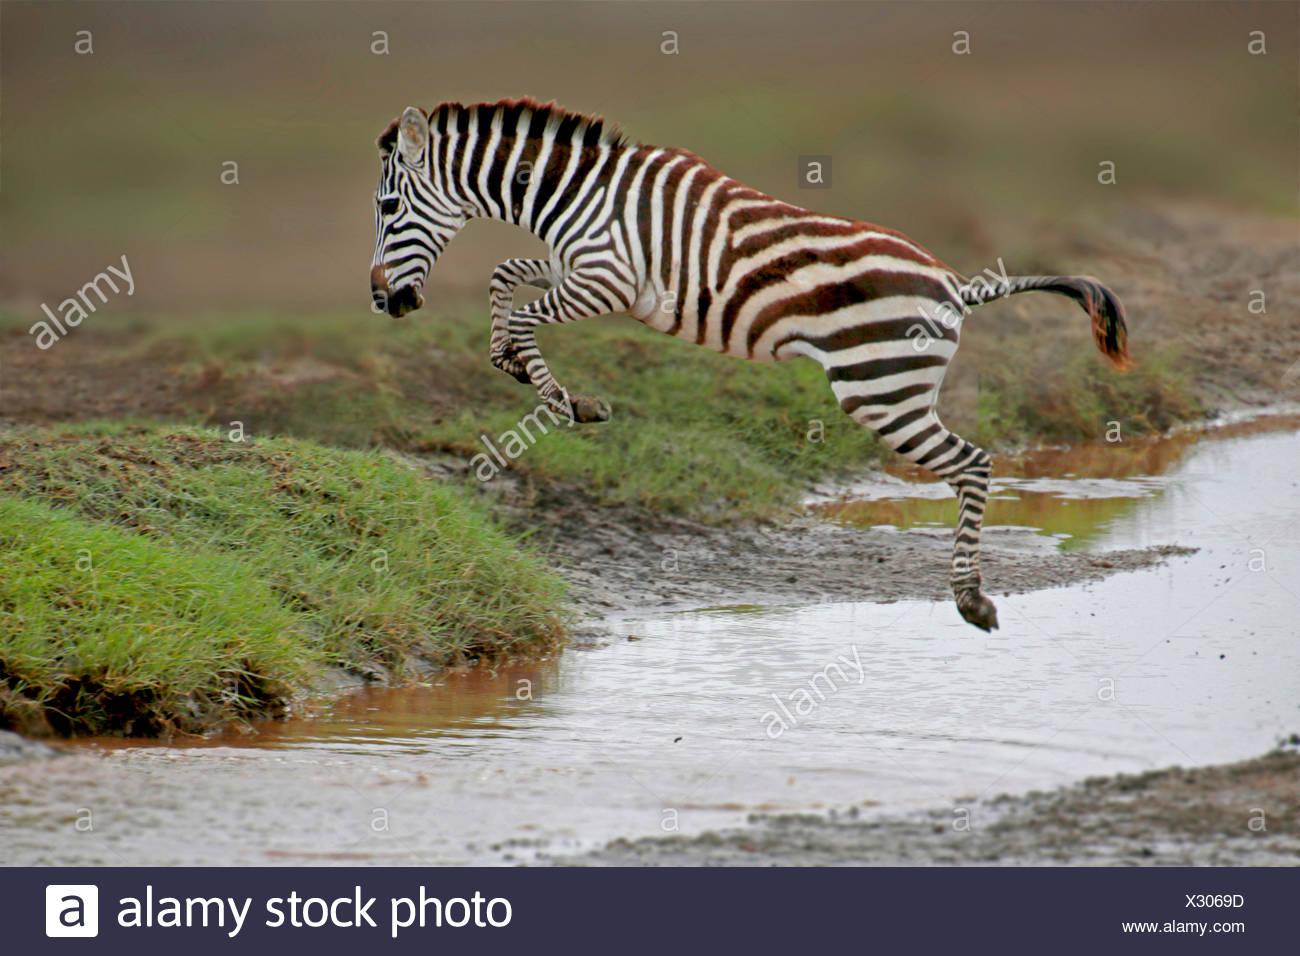 La moule commune (Equus quagga), sauter par dessus un ruisseau, la Tanzanie, le Parc National du Serengeti Photo Stock